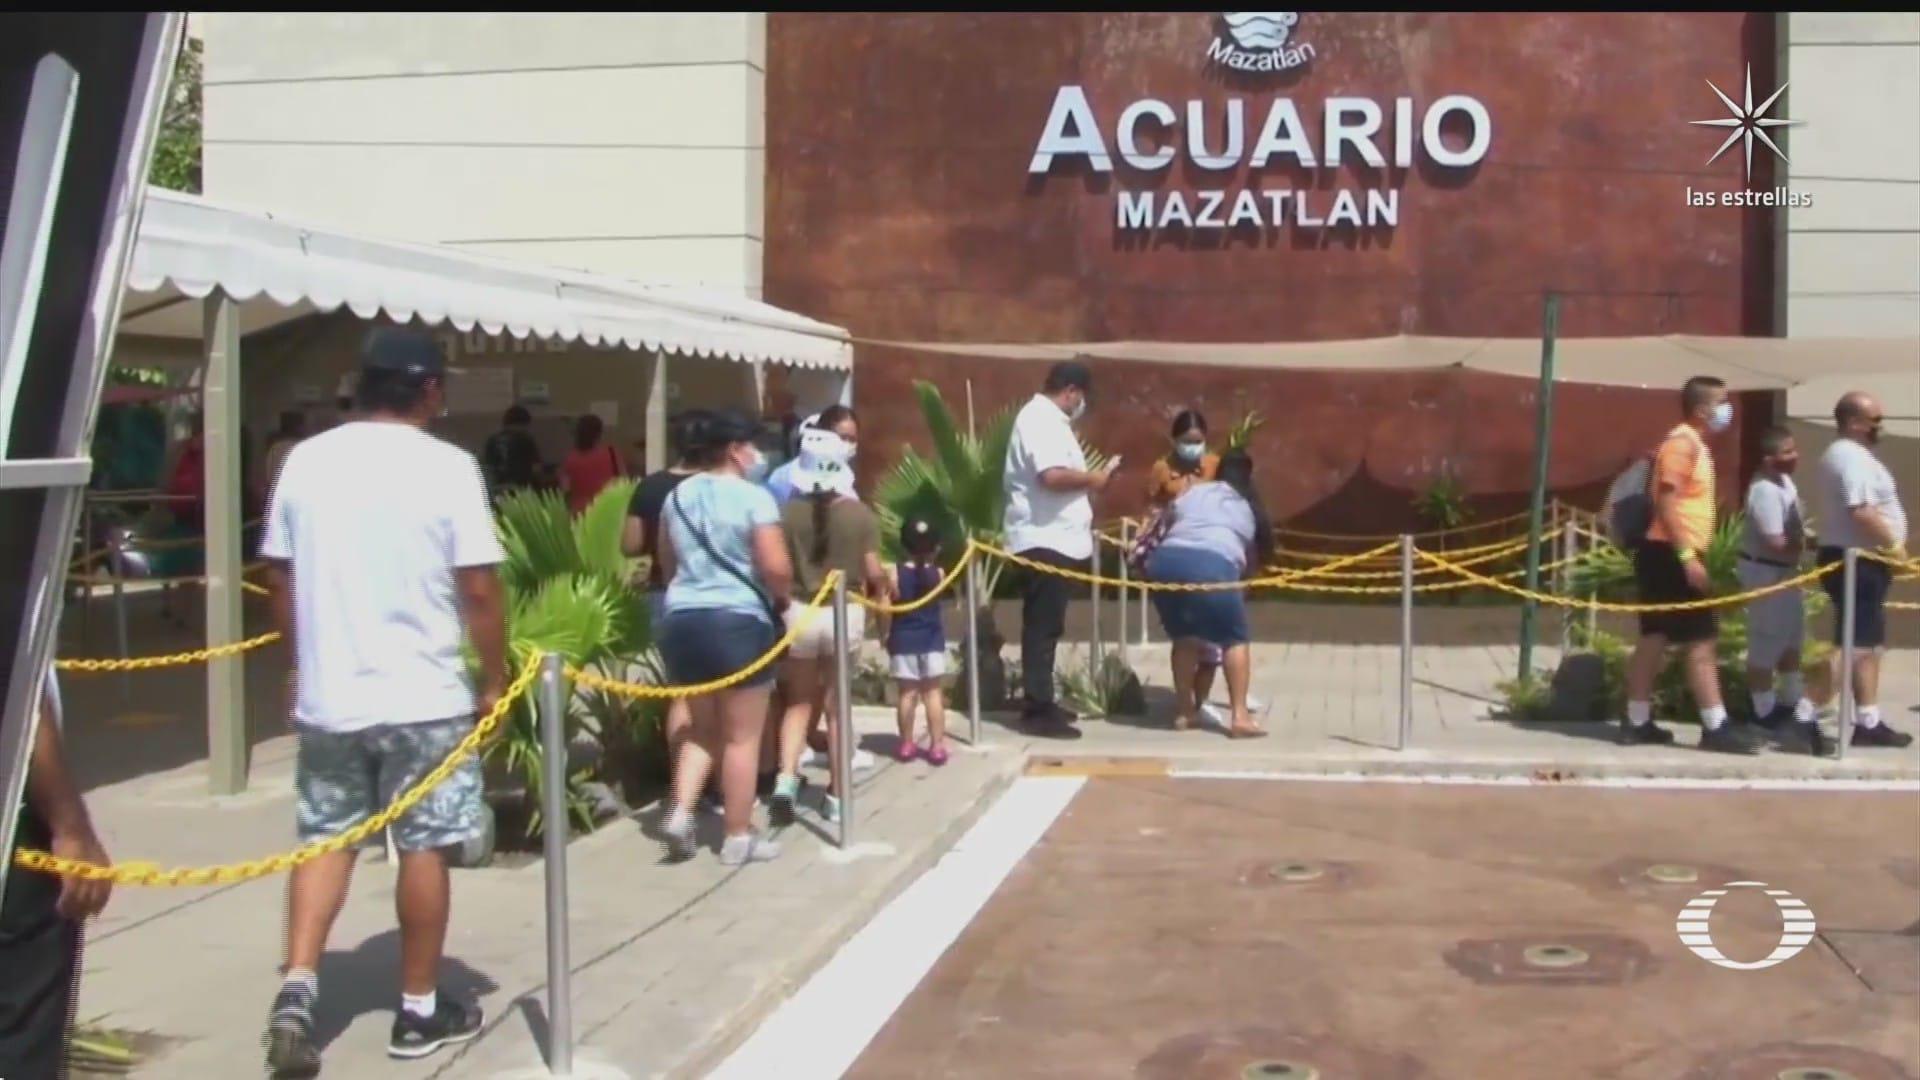 mazatlan pedira certificado de vacunacion para ingresar a lugares publicos